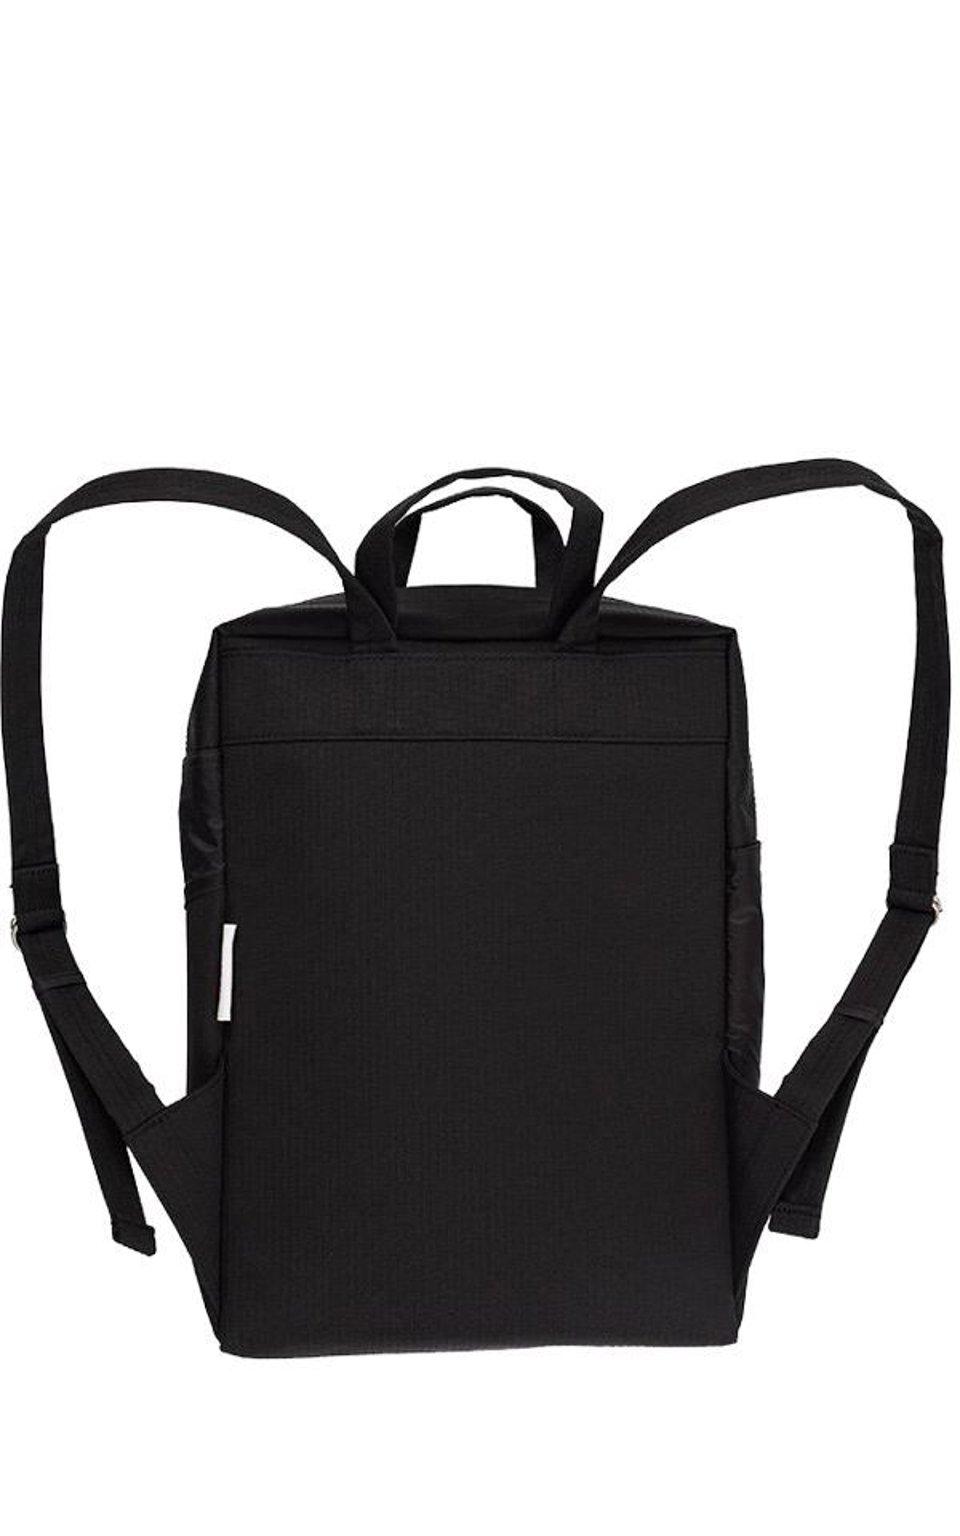 Backpack #4